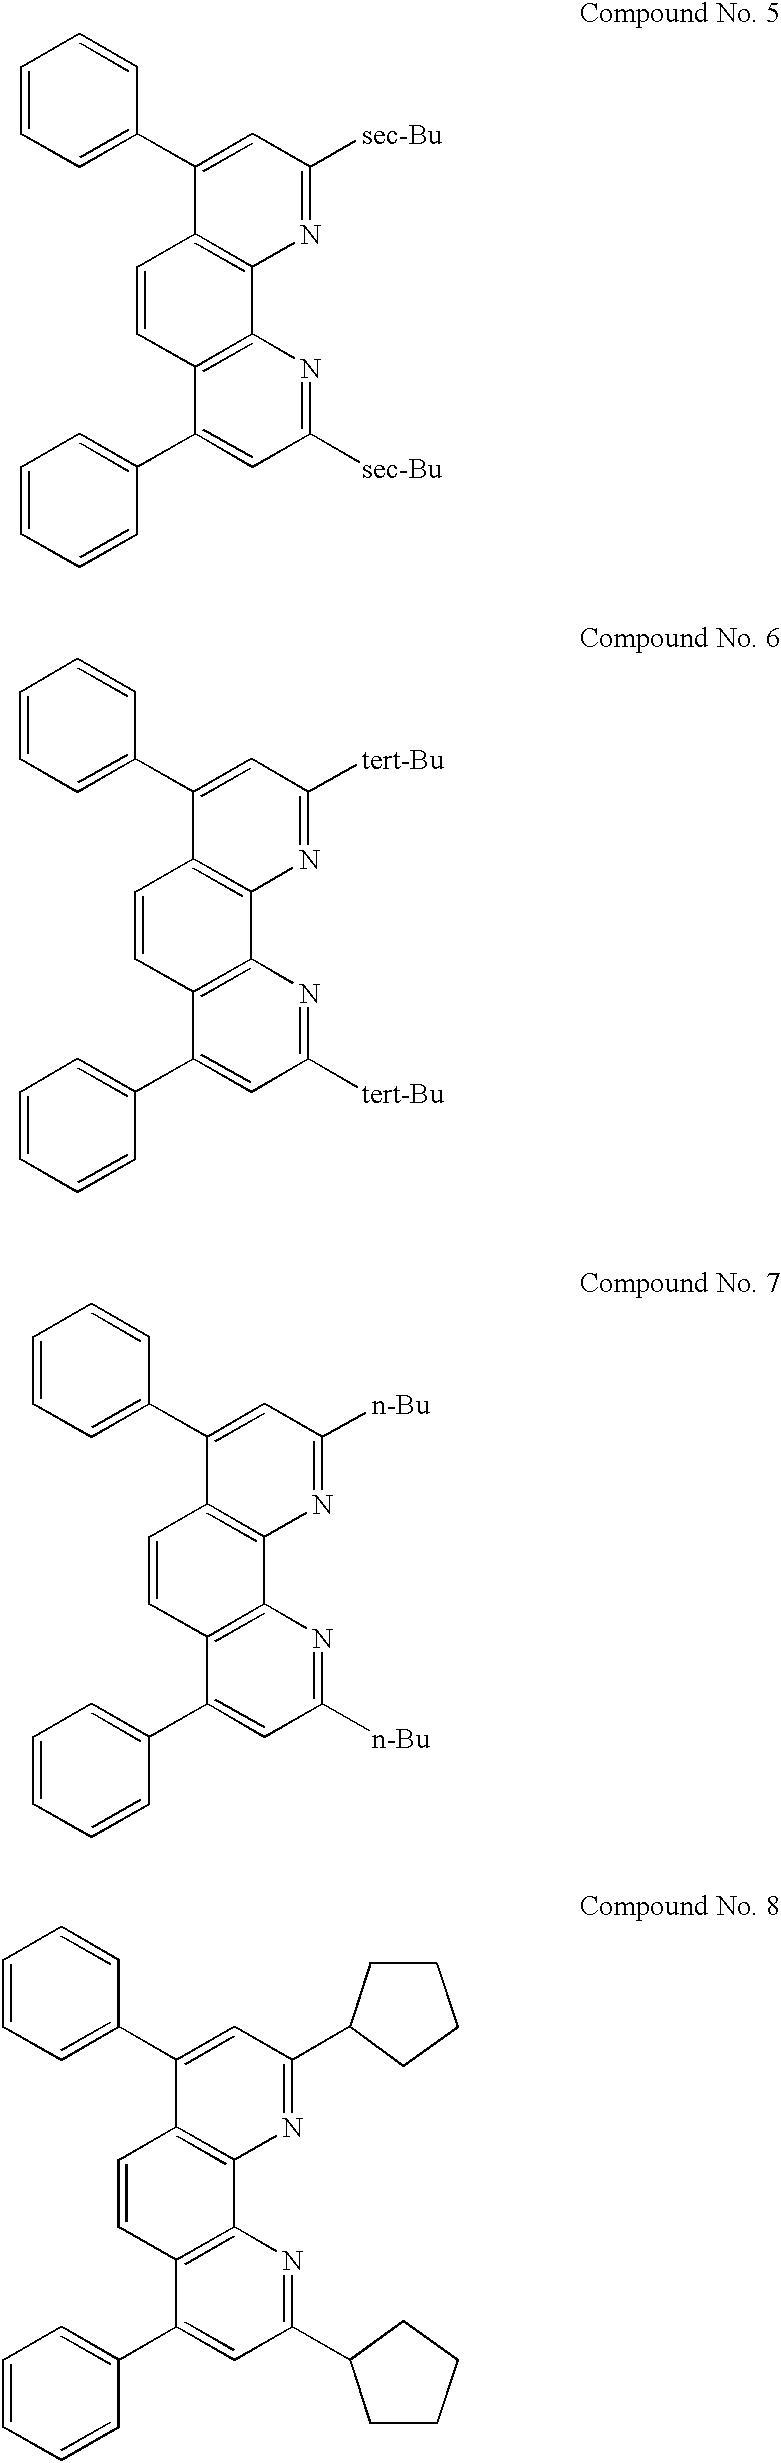 Figure US06524728-20030225-C00004